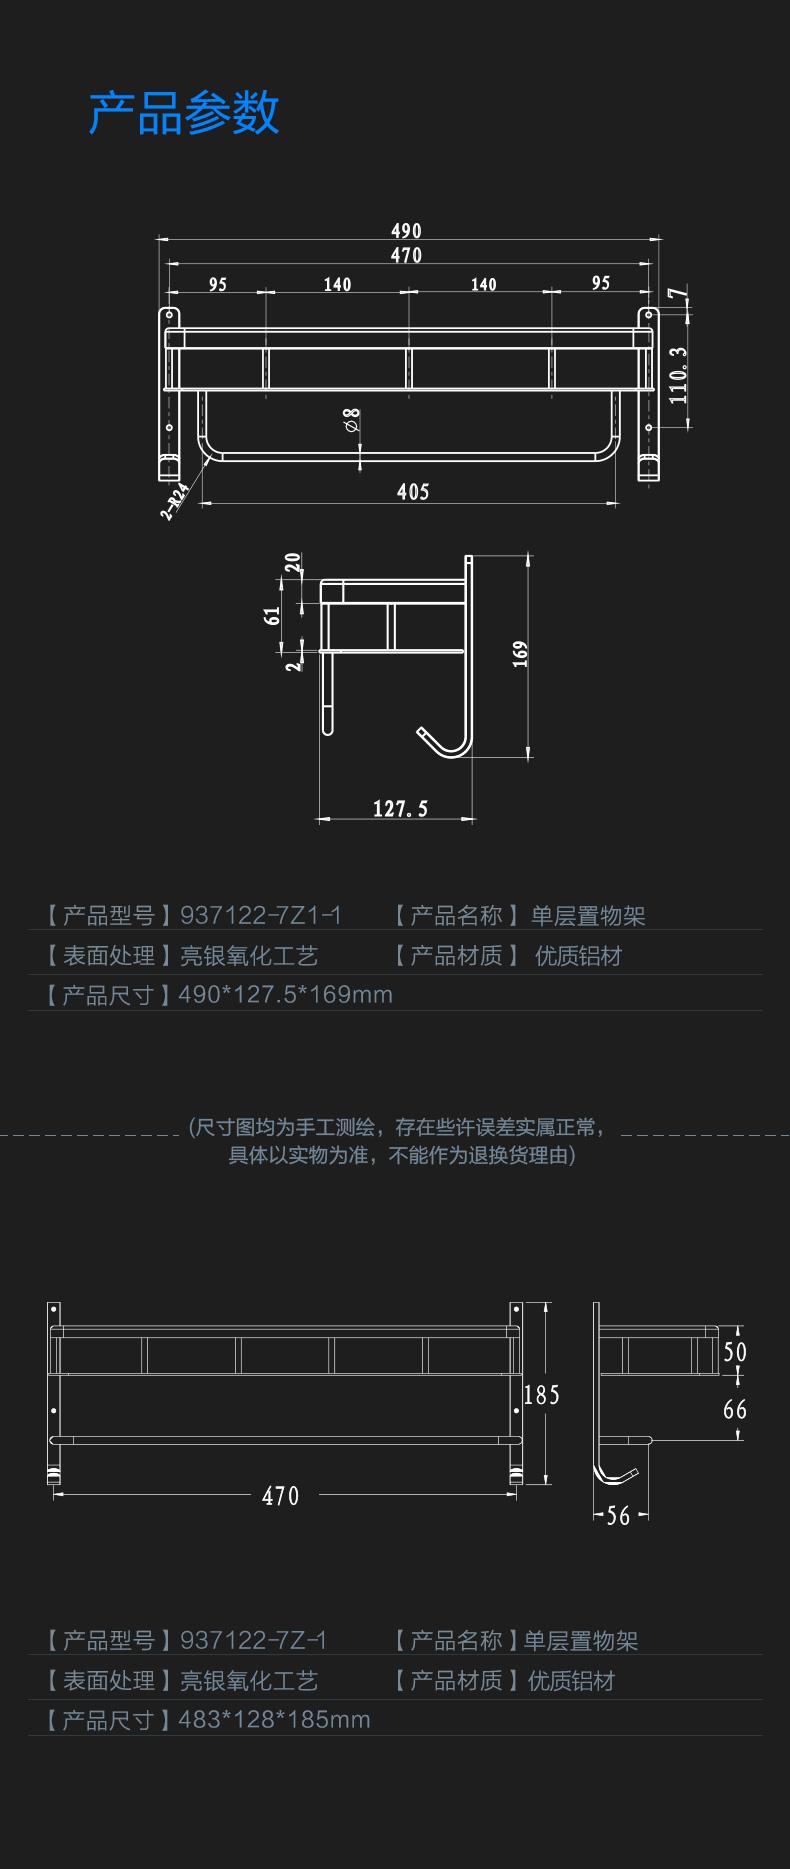 937122-7Z1-1_08.jpg